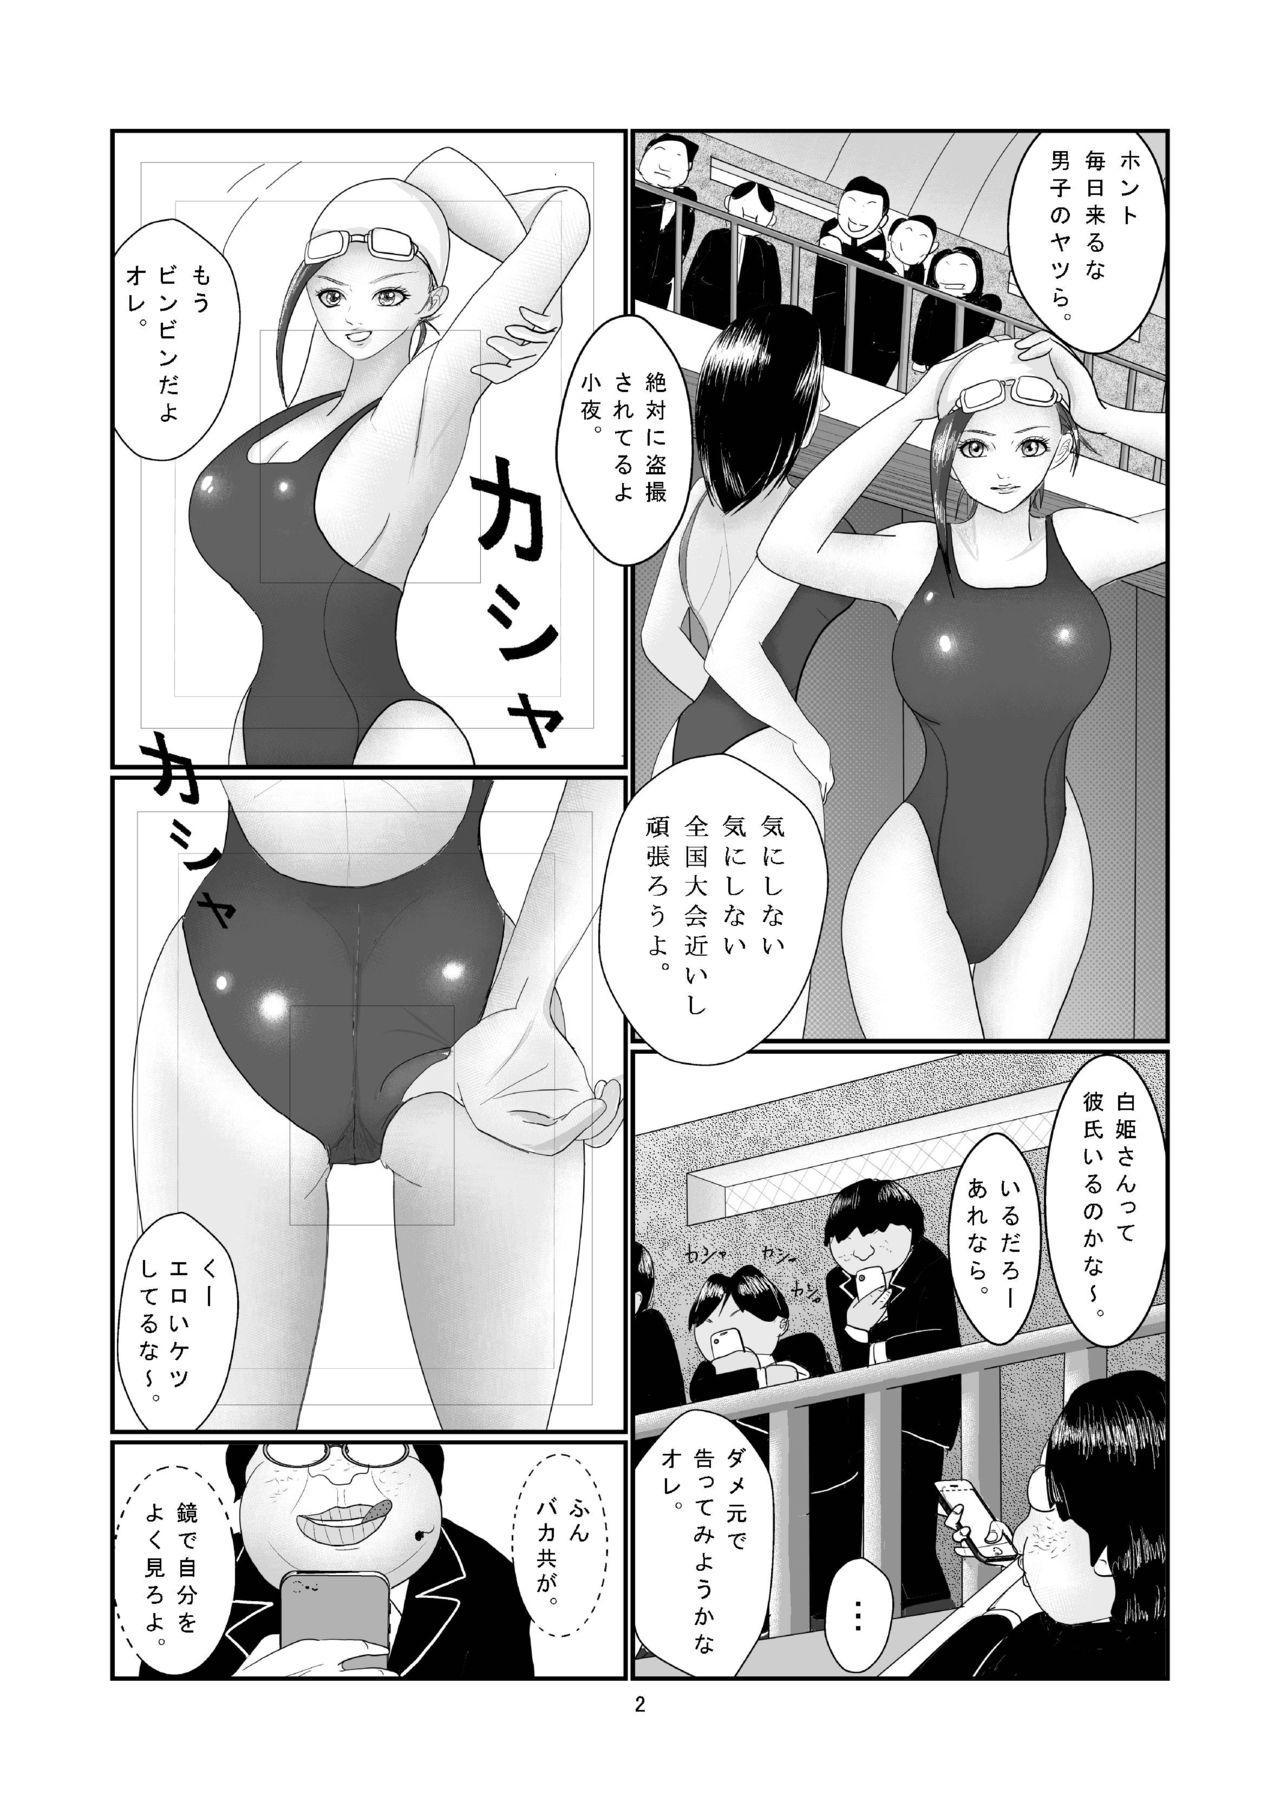 Suieibu - Shirahime Saya no Dokuzai 2